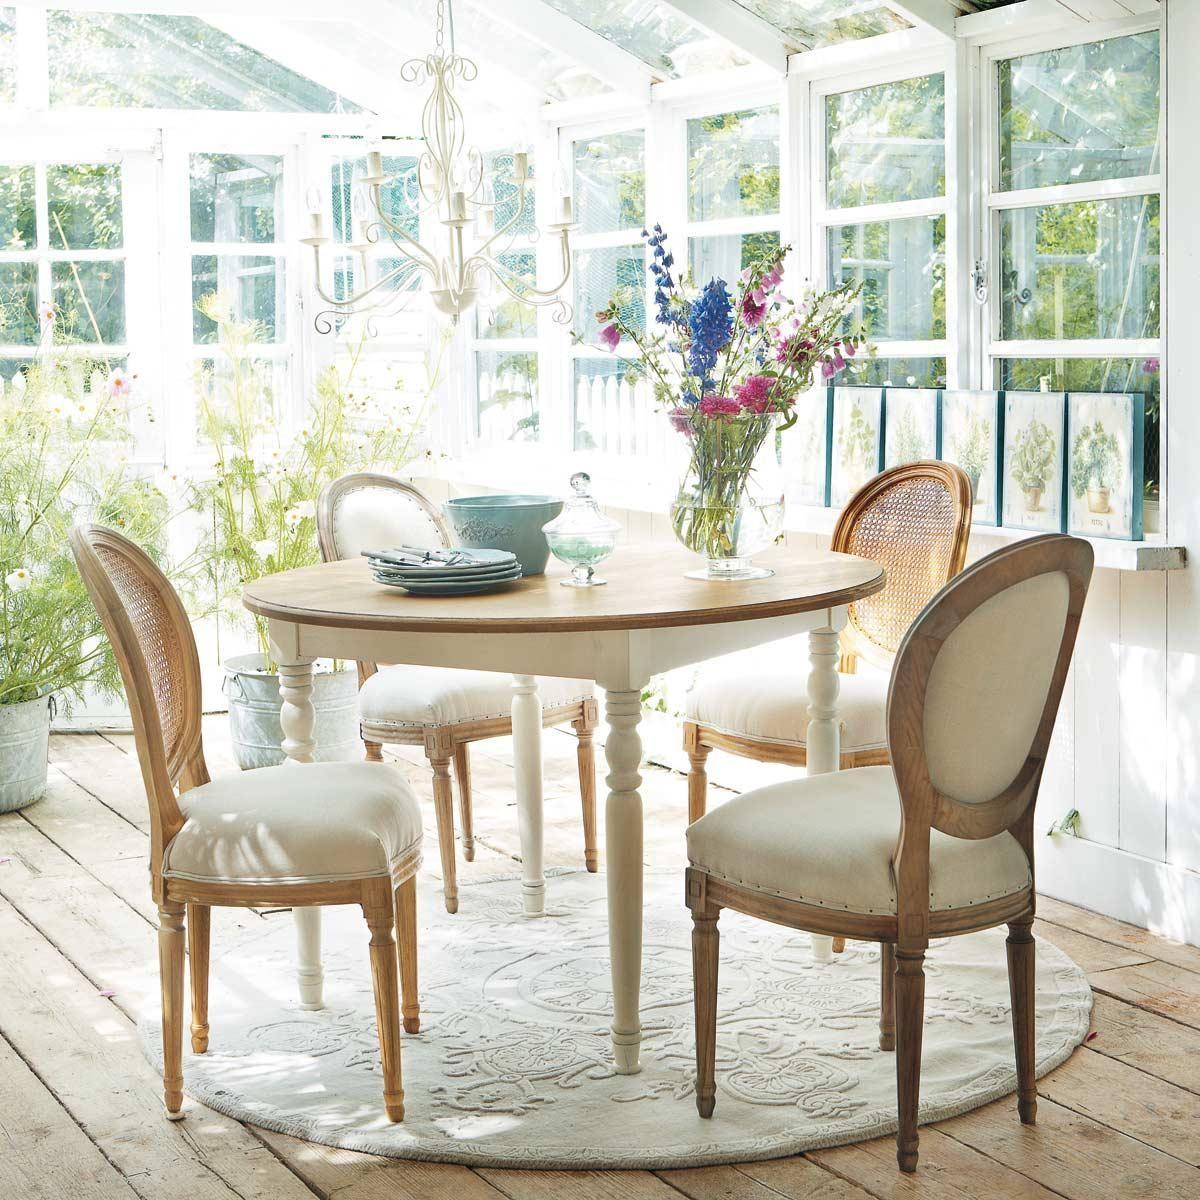 tapis rond sculpture diamtre sur maisons du monde dcouvrez notre slection de linges et textiles. Black Bedroom Furniture Sets. Home Design Ideas